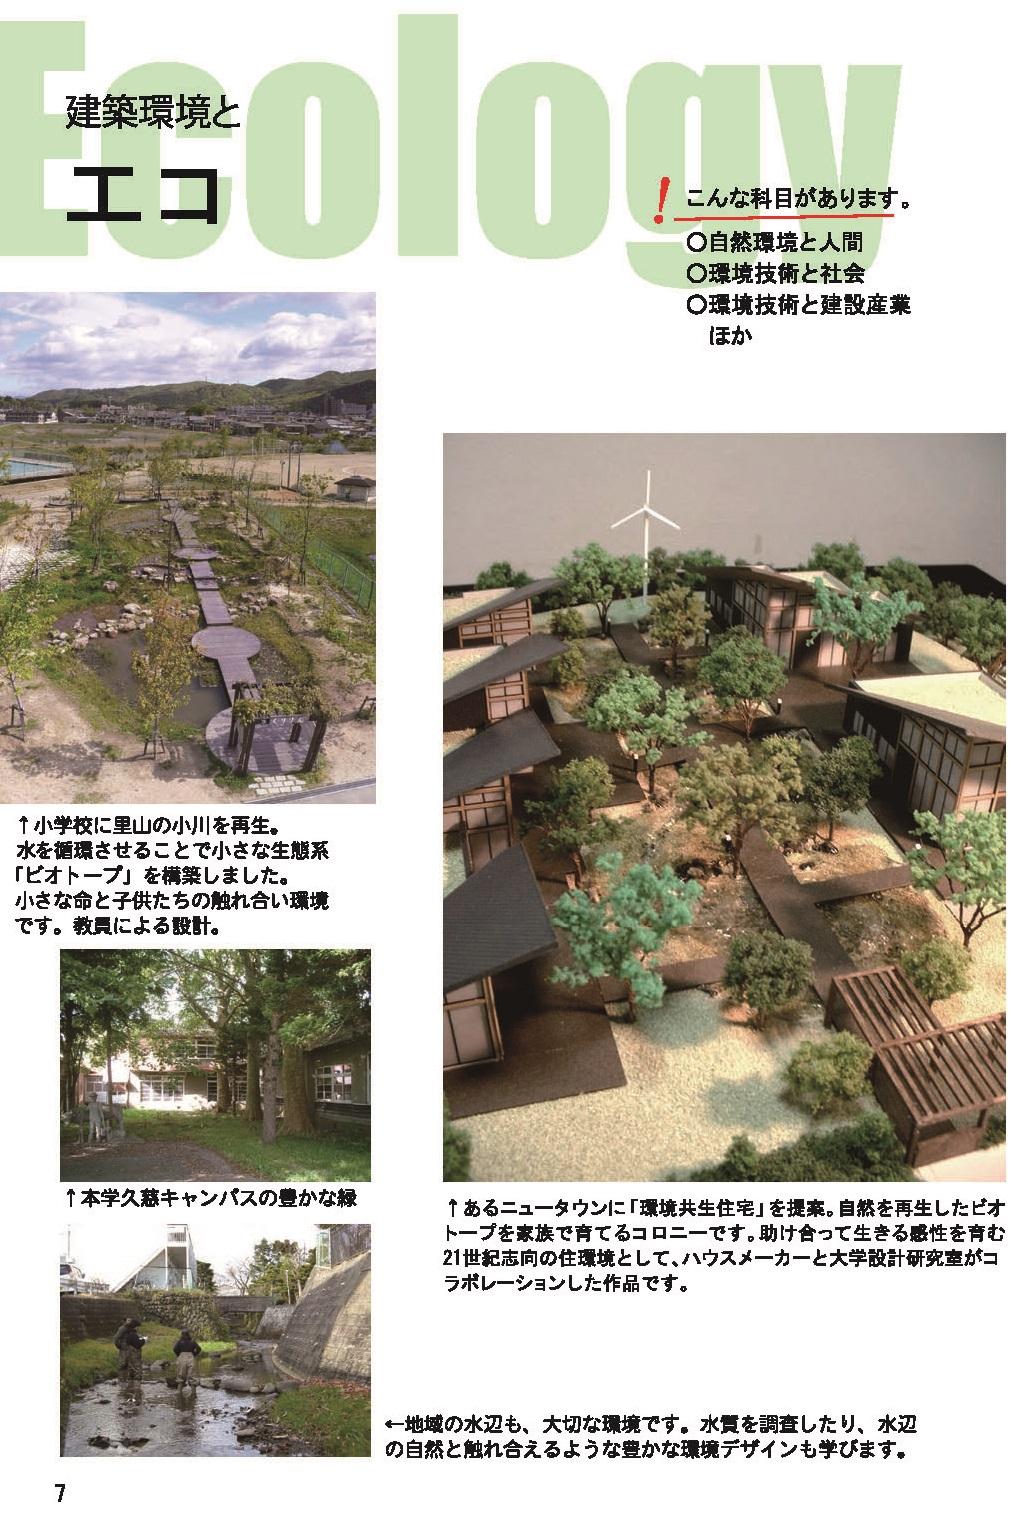 建築環境とエコ